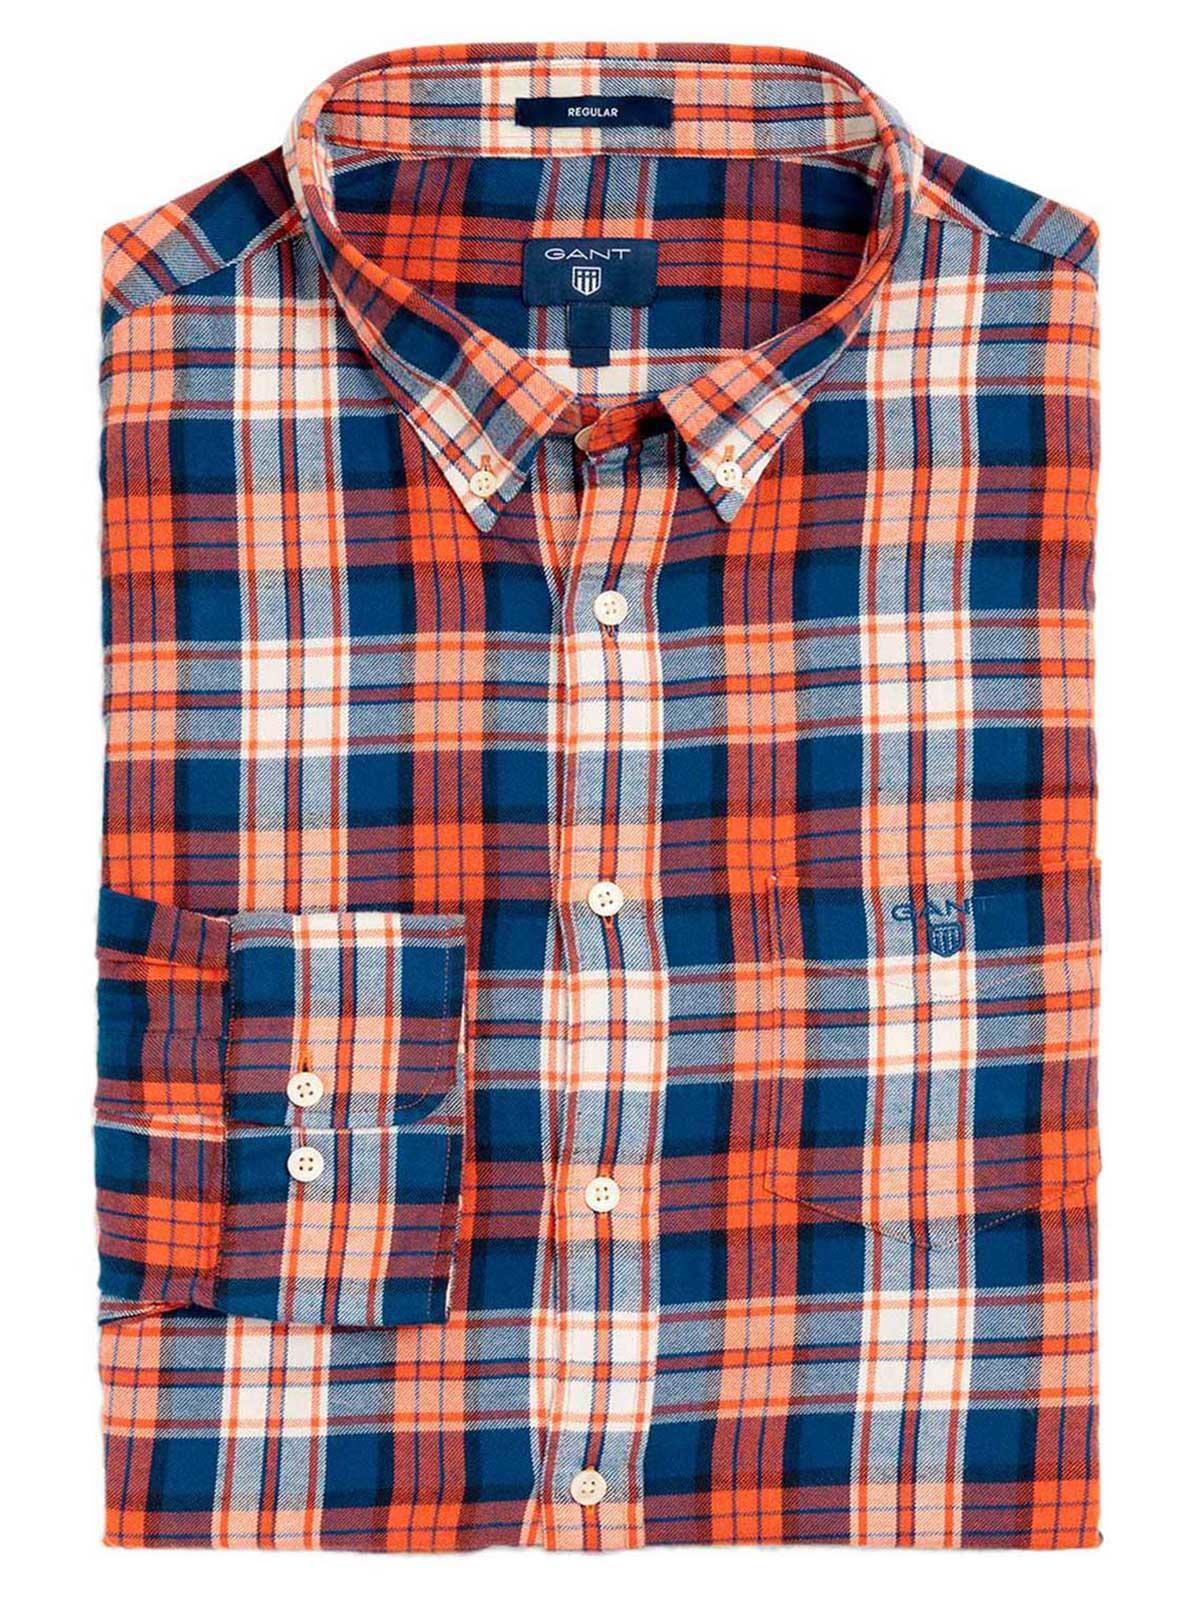 Picture of GANT | Men's Plaid Shirt